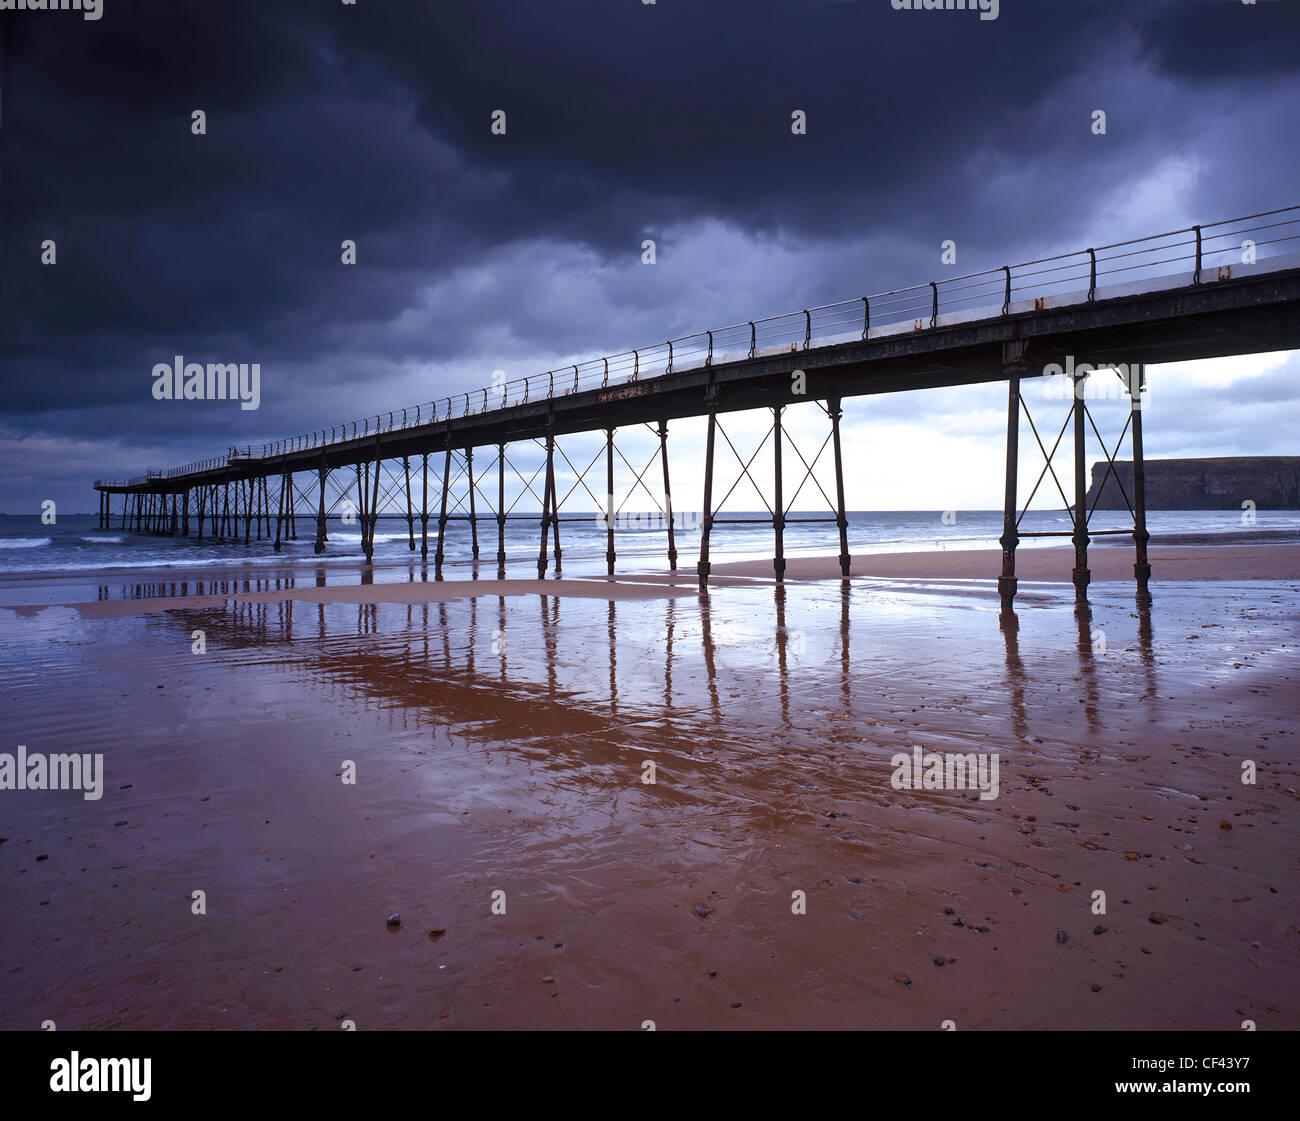 Saltburn Pier, l'ultimo pier rimanendo nello Yorkshire, con la bassa marea come aria di tempesta overhead. Immagini Stock